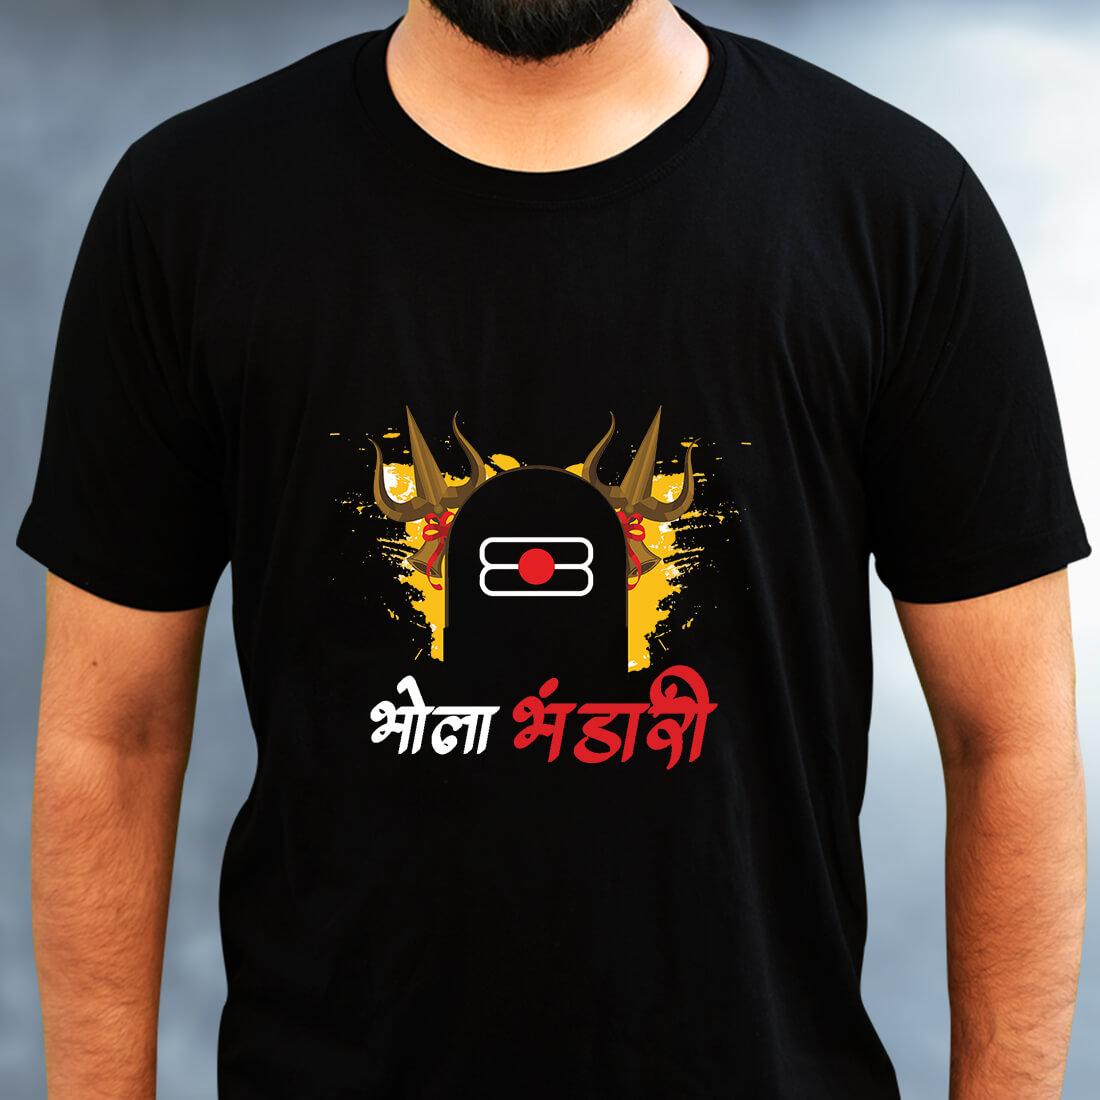 Bhola Bhandhari Printed Black T Shirt Round Neck